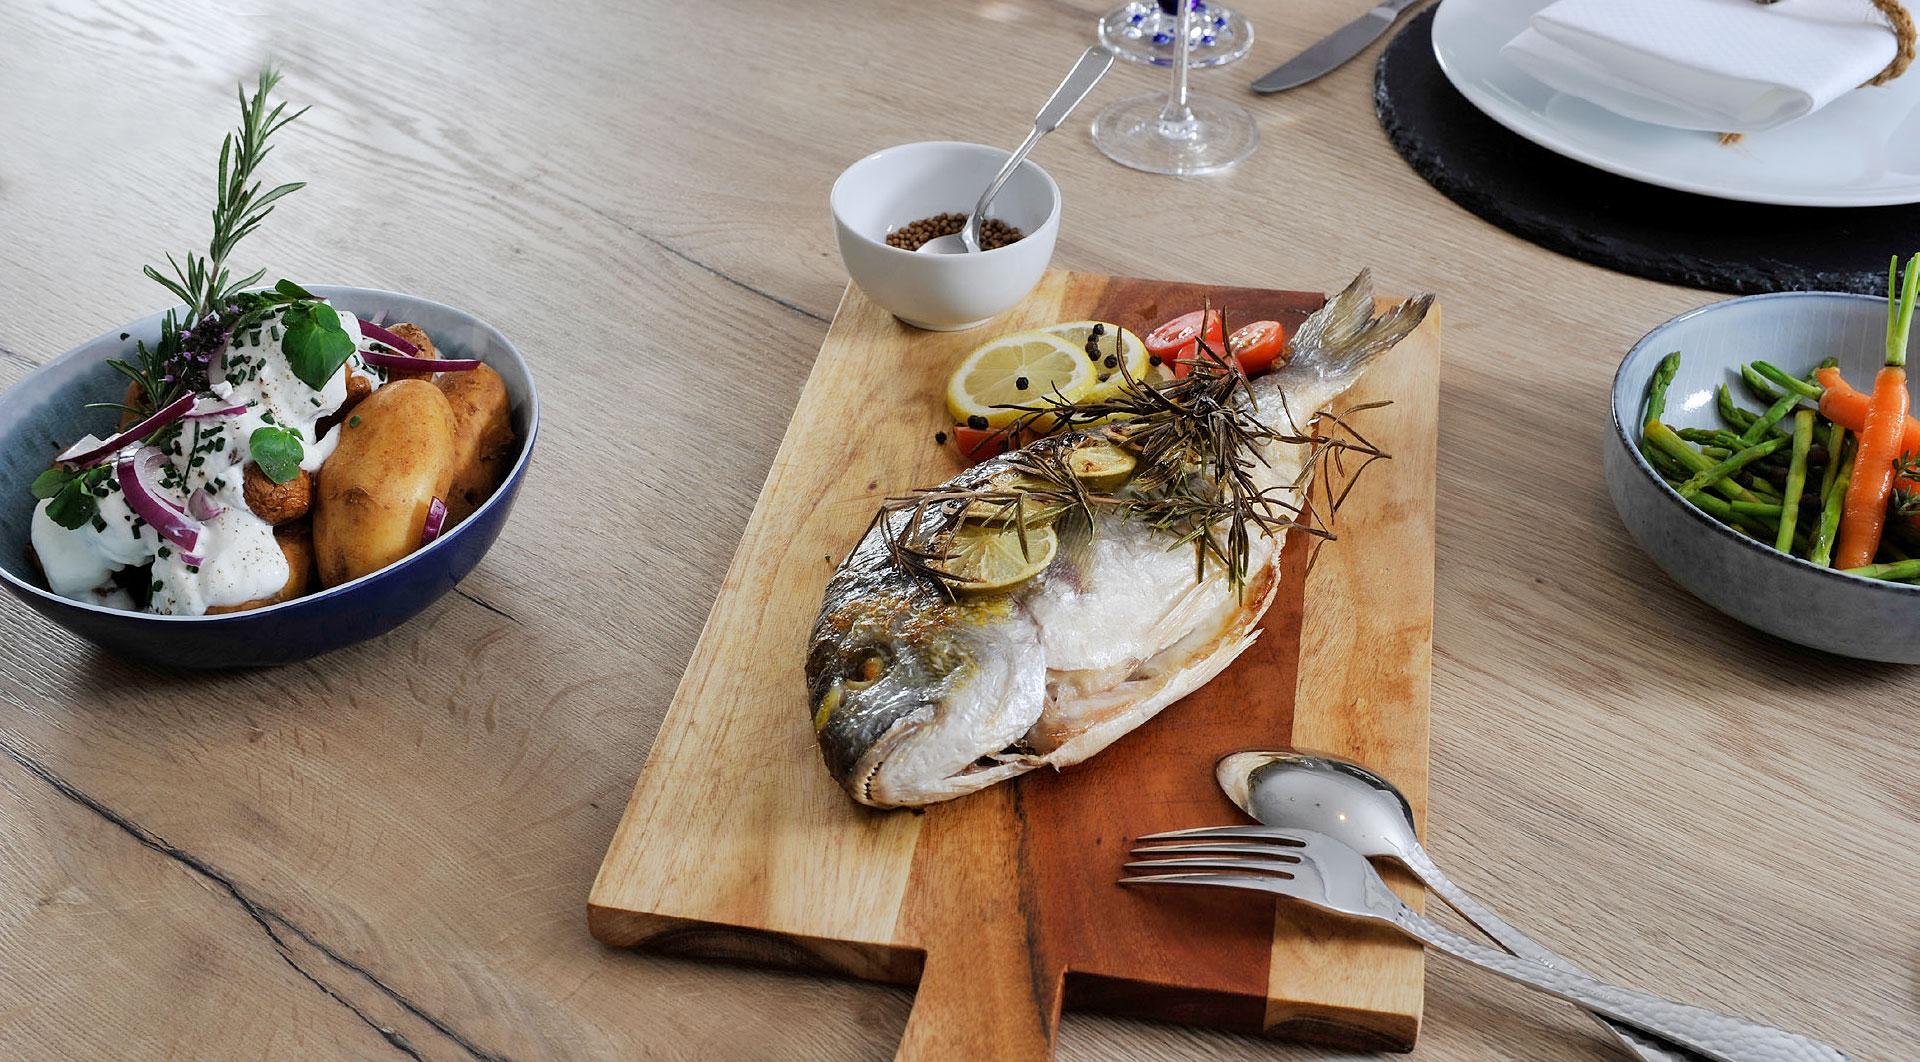 koekken_restaurant_food_benen-diken-hof_2020_02-4